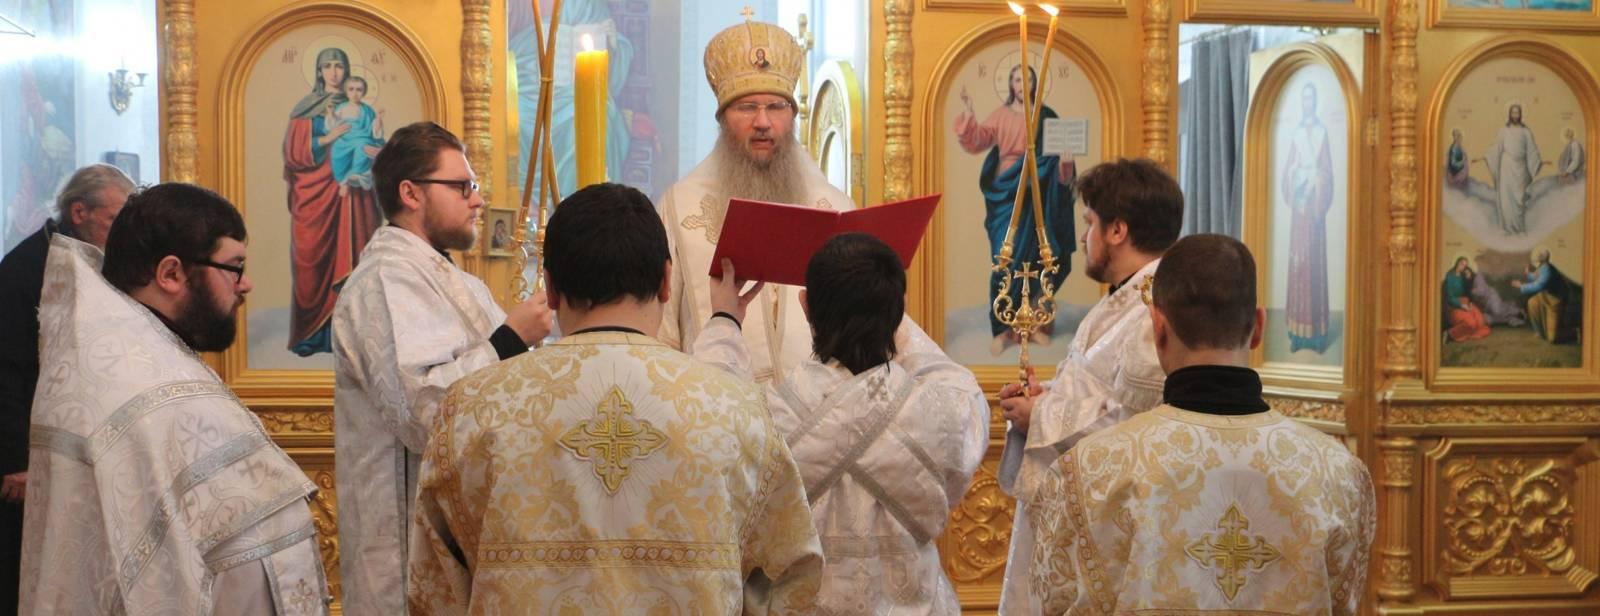 Божественная литургия в храме Преображения Господня в ст. Преображенской.